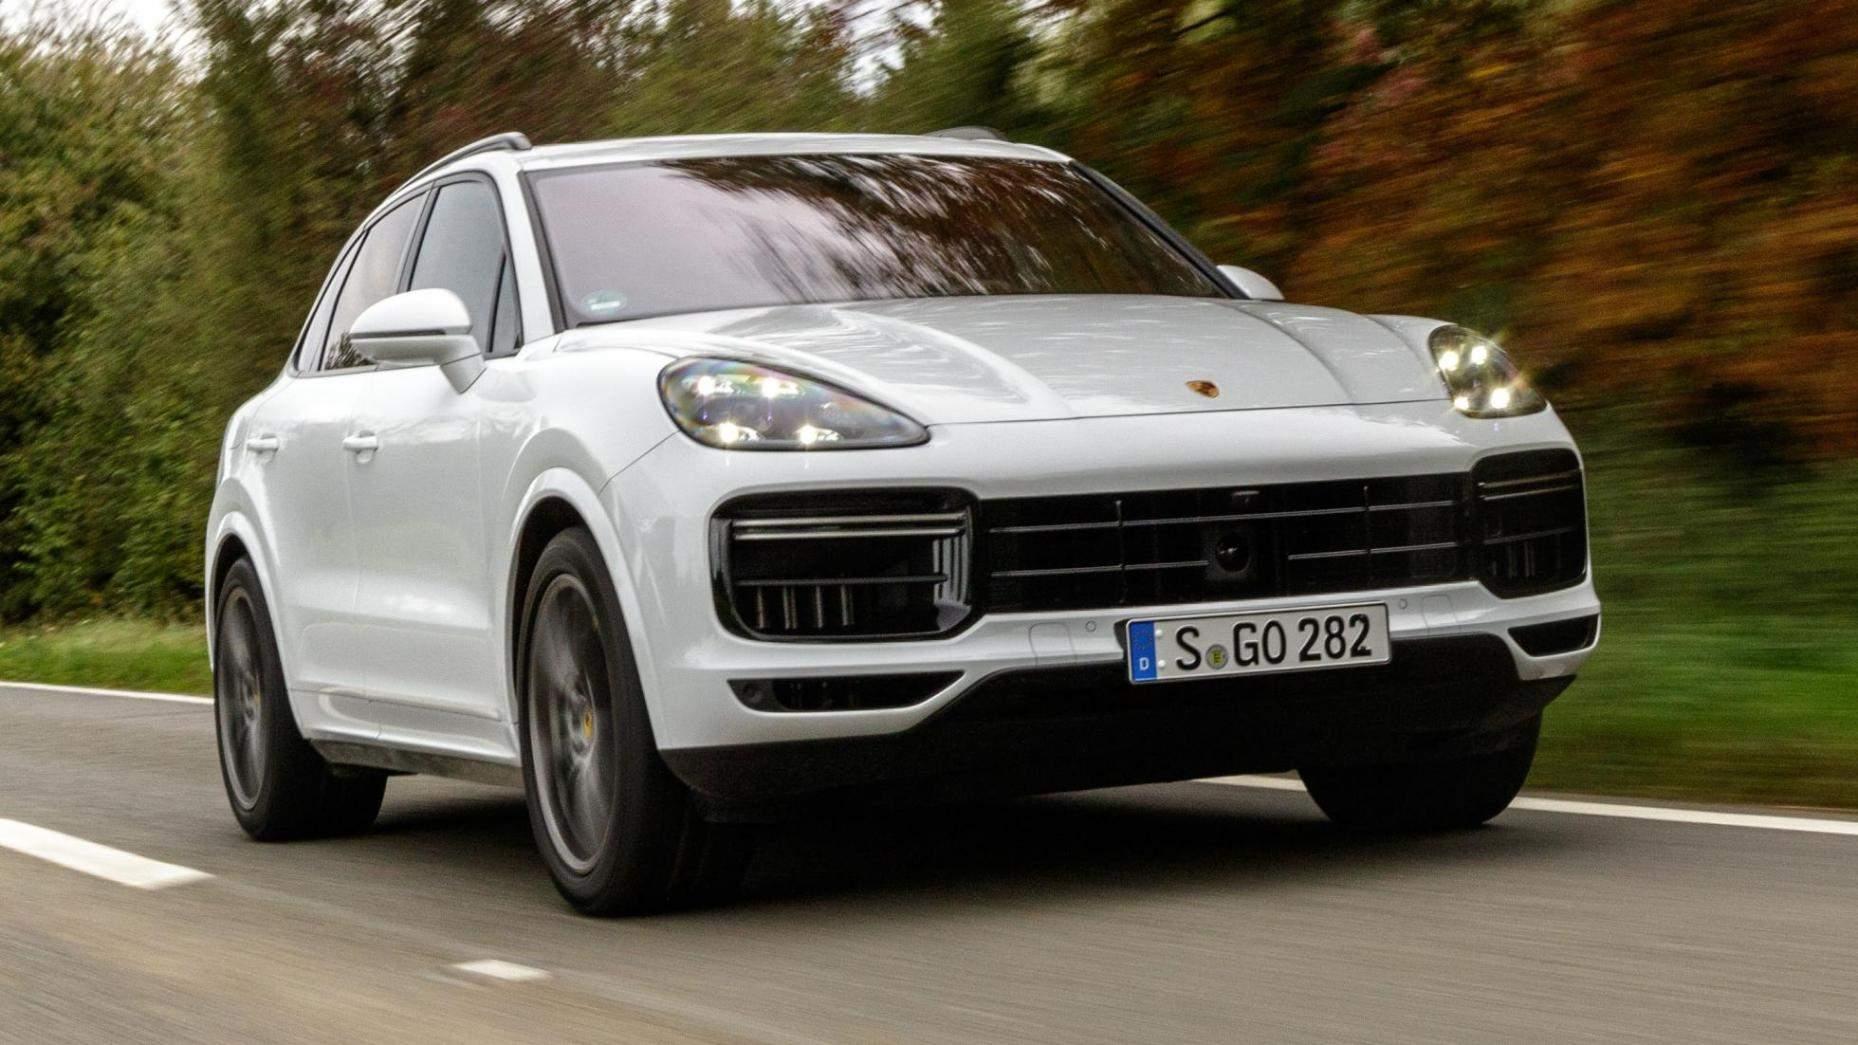 اخبار,دنیای خودرو,سریعترین خودروهای شاسی بلند ۲۰۱۸